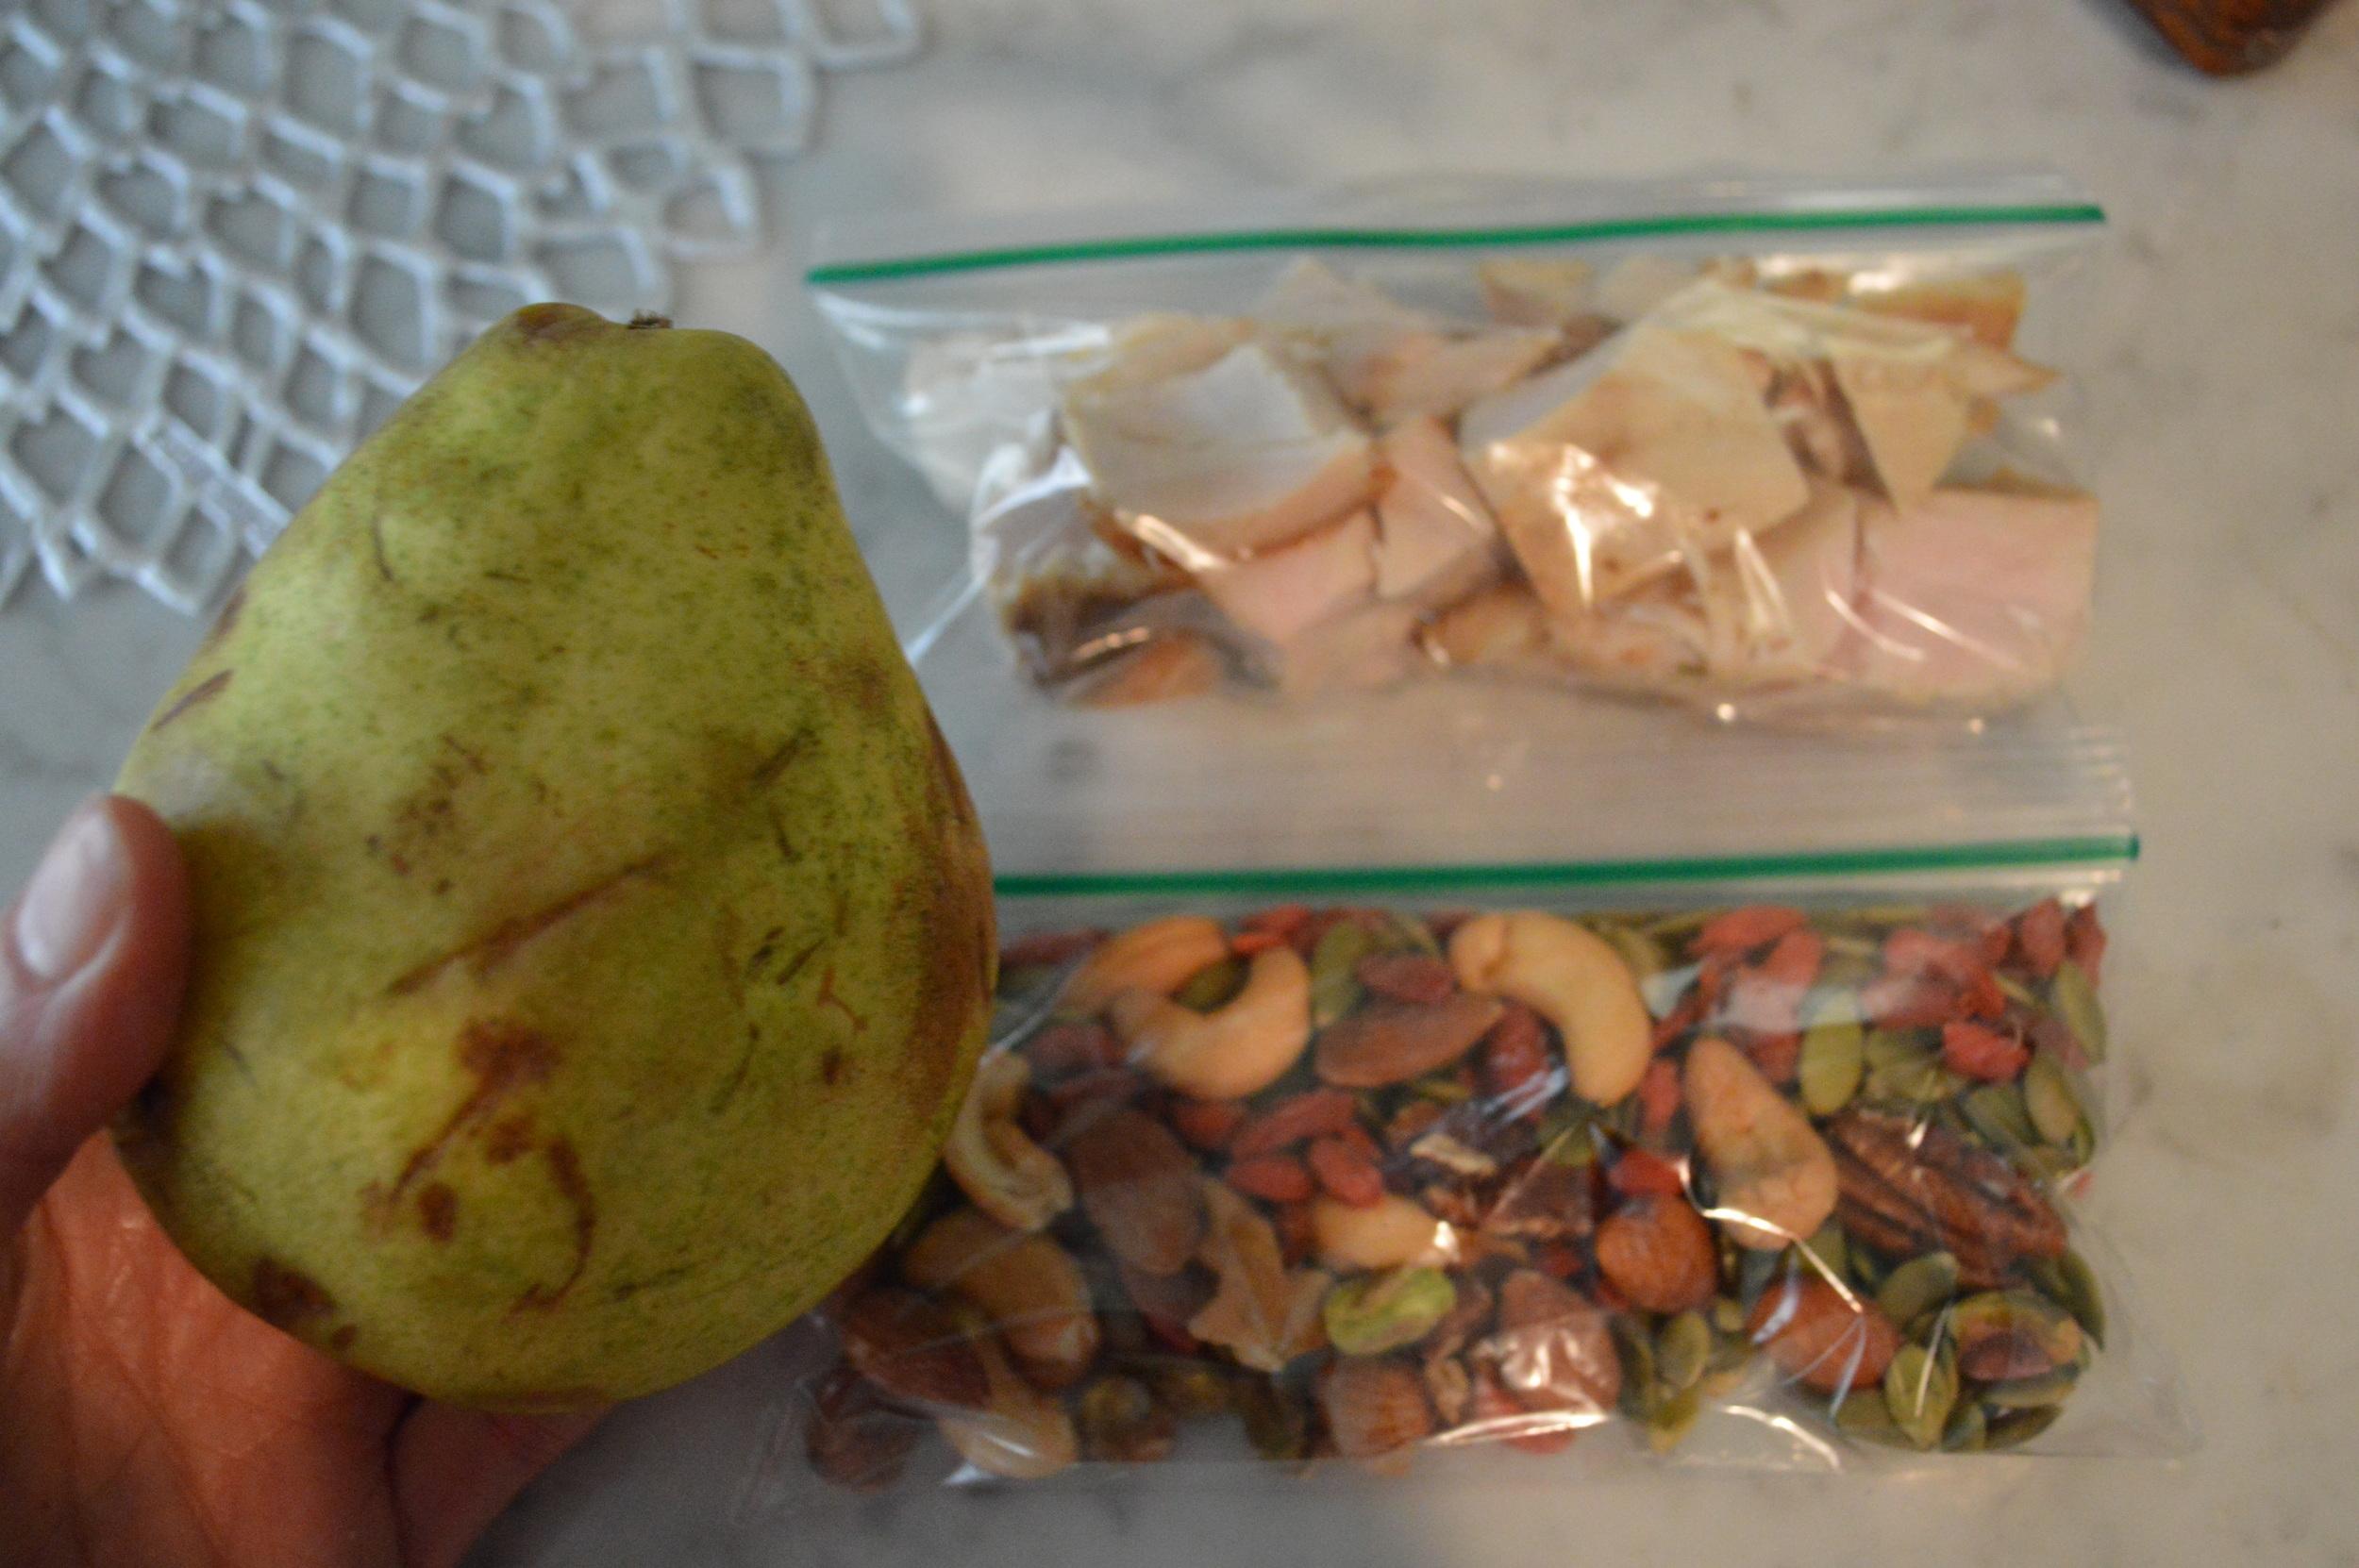 Pear + Nuts + Turkey Breast